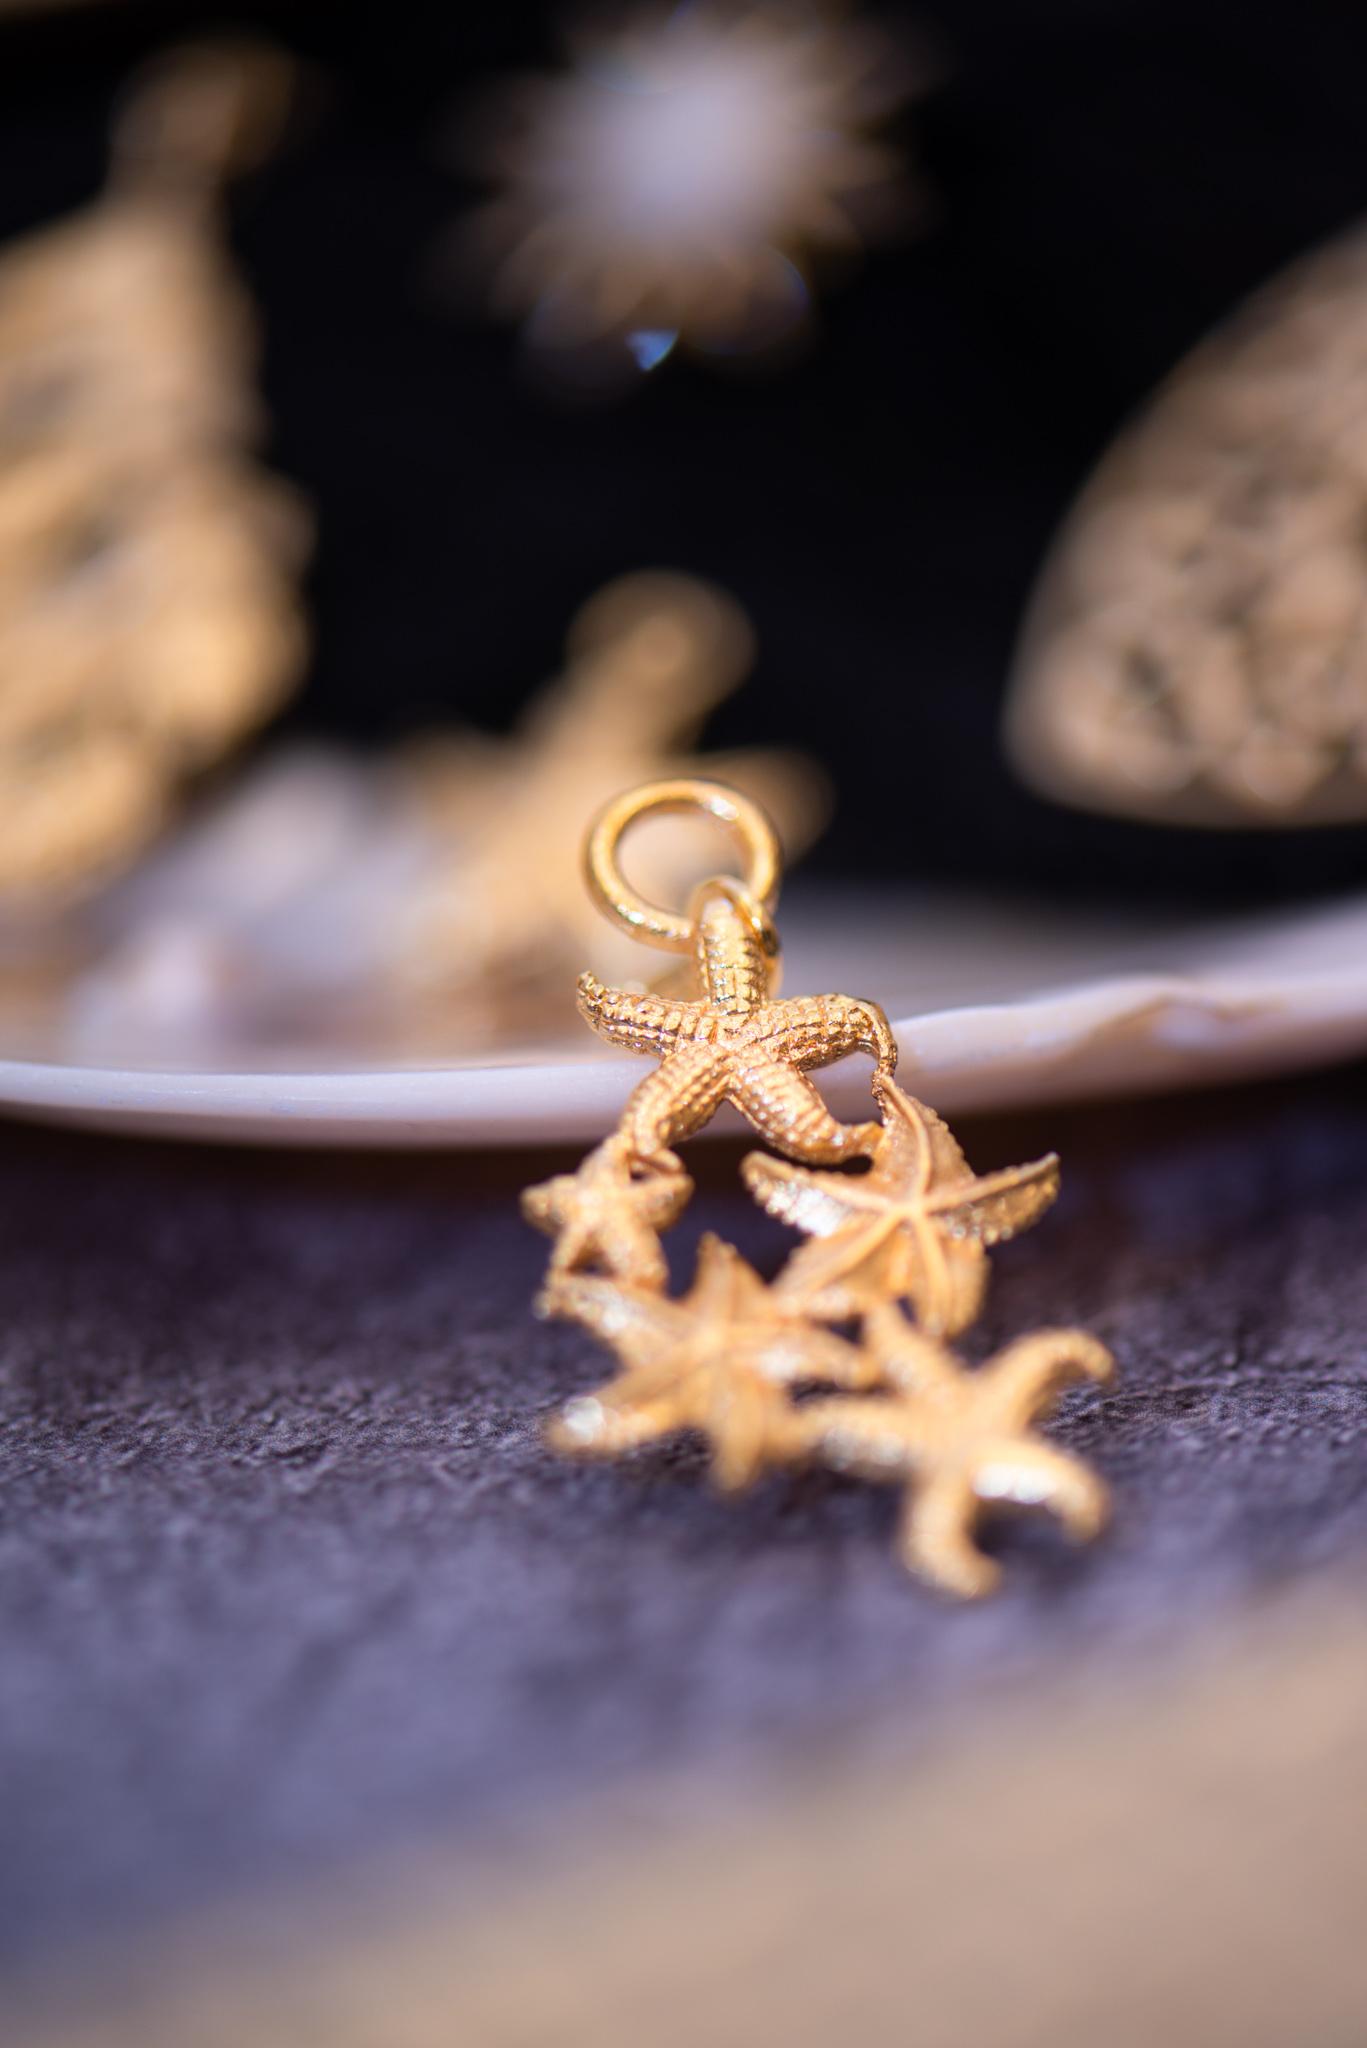 aranyozott öt tengericsillag medál